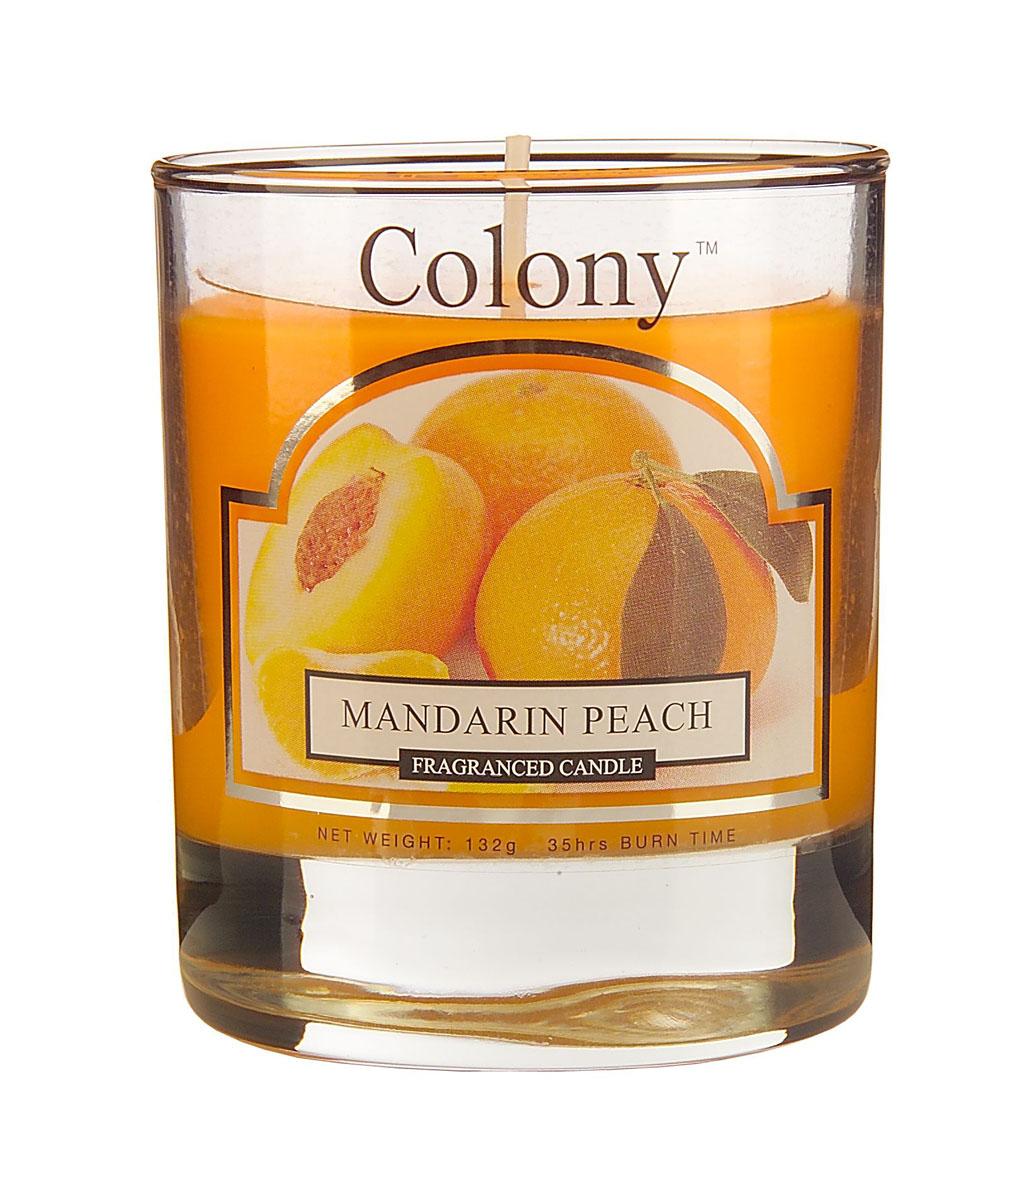 Wax Lyrical Мандарин и персик ароматизированная свеча в стекле малая, 35 часов542639Бодрящий аромат спелого персика и сладкого мандарина